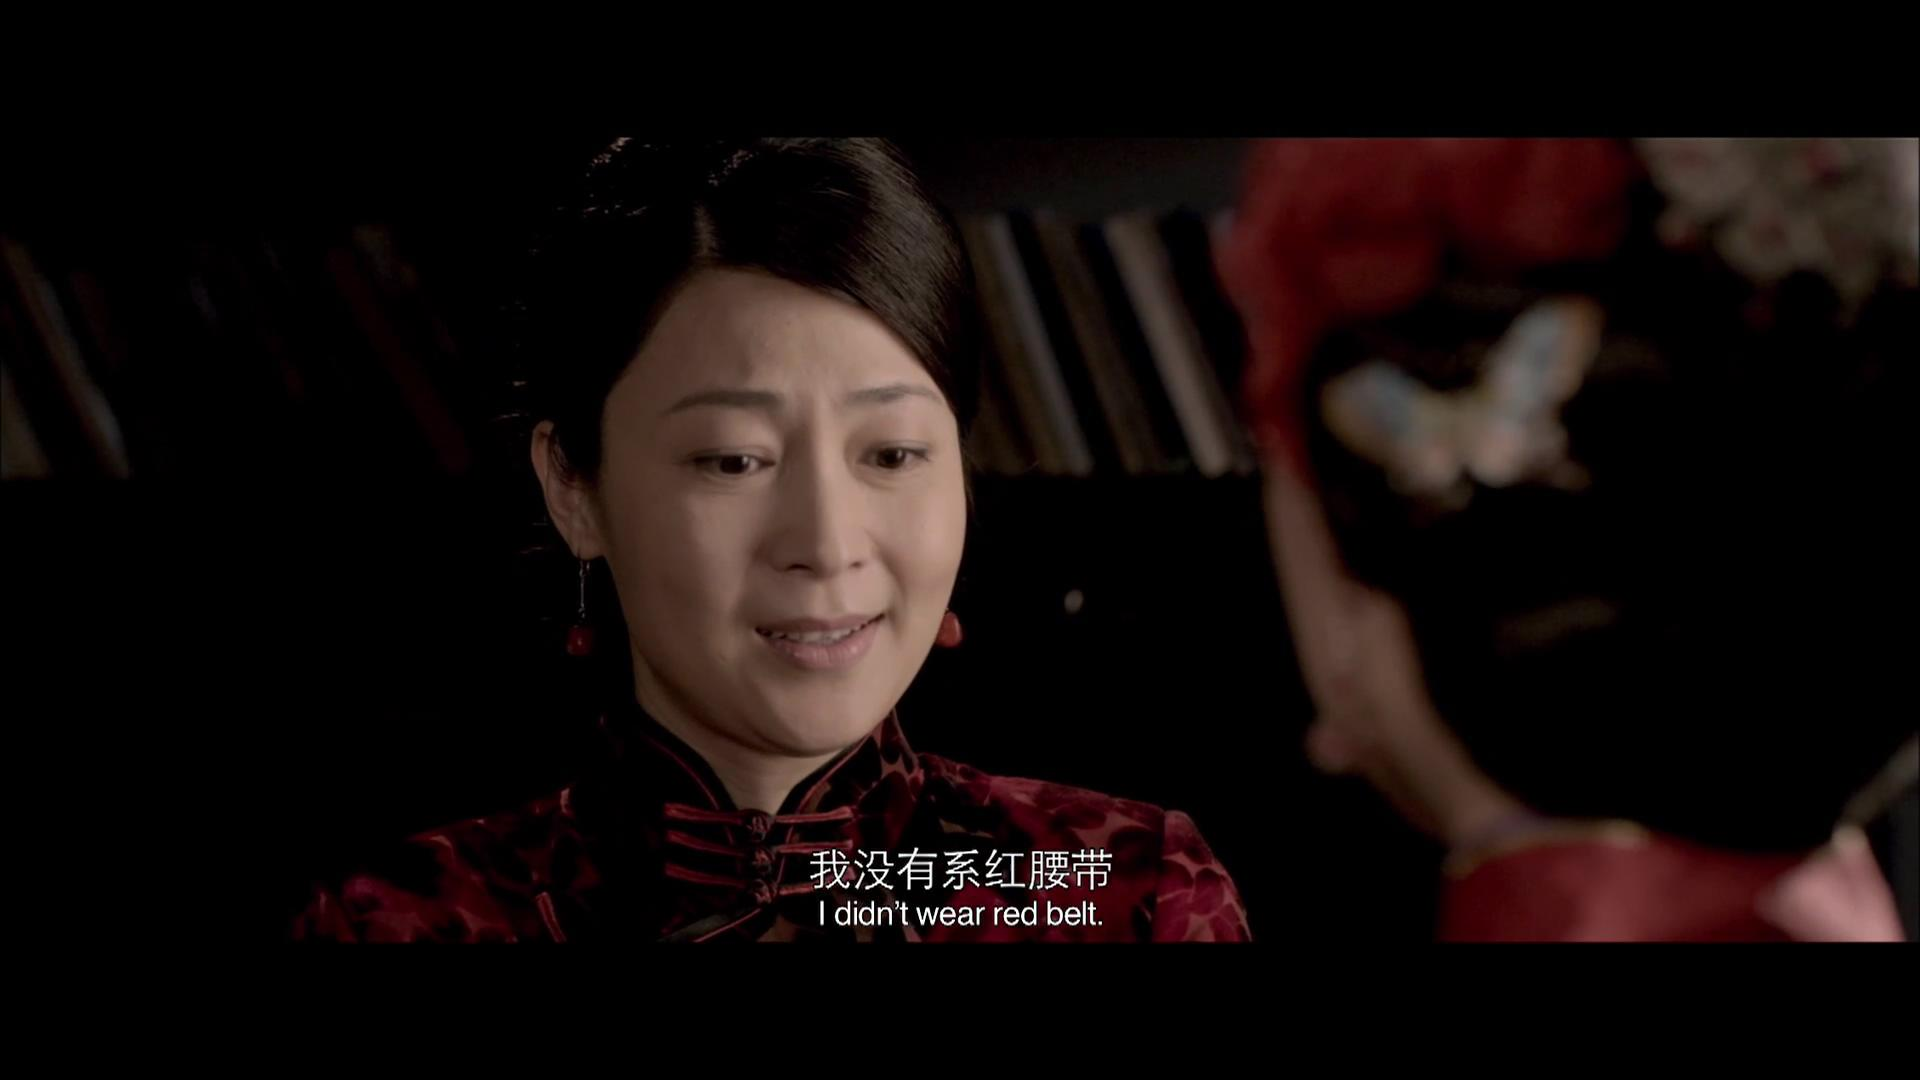 2014年 江南爱情故事 [没什么可写的]的图片